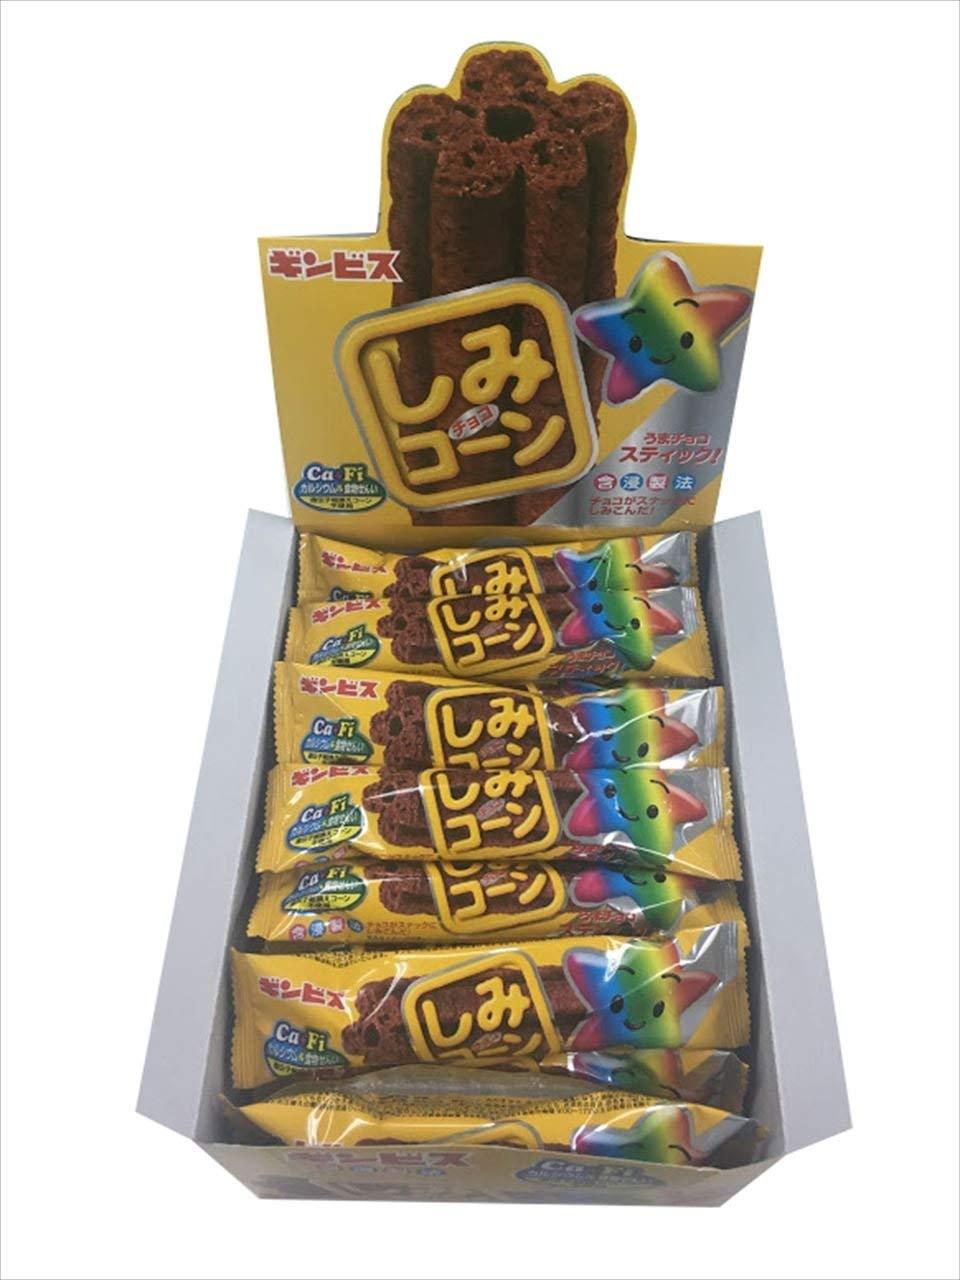 アマゾンでギンビス しみチョココーンスティック 1本×30個が半額クーポンを配信中。